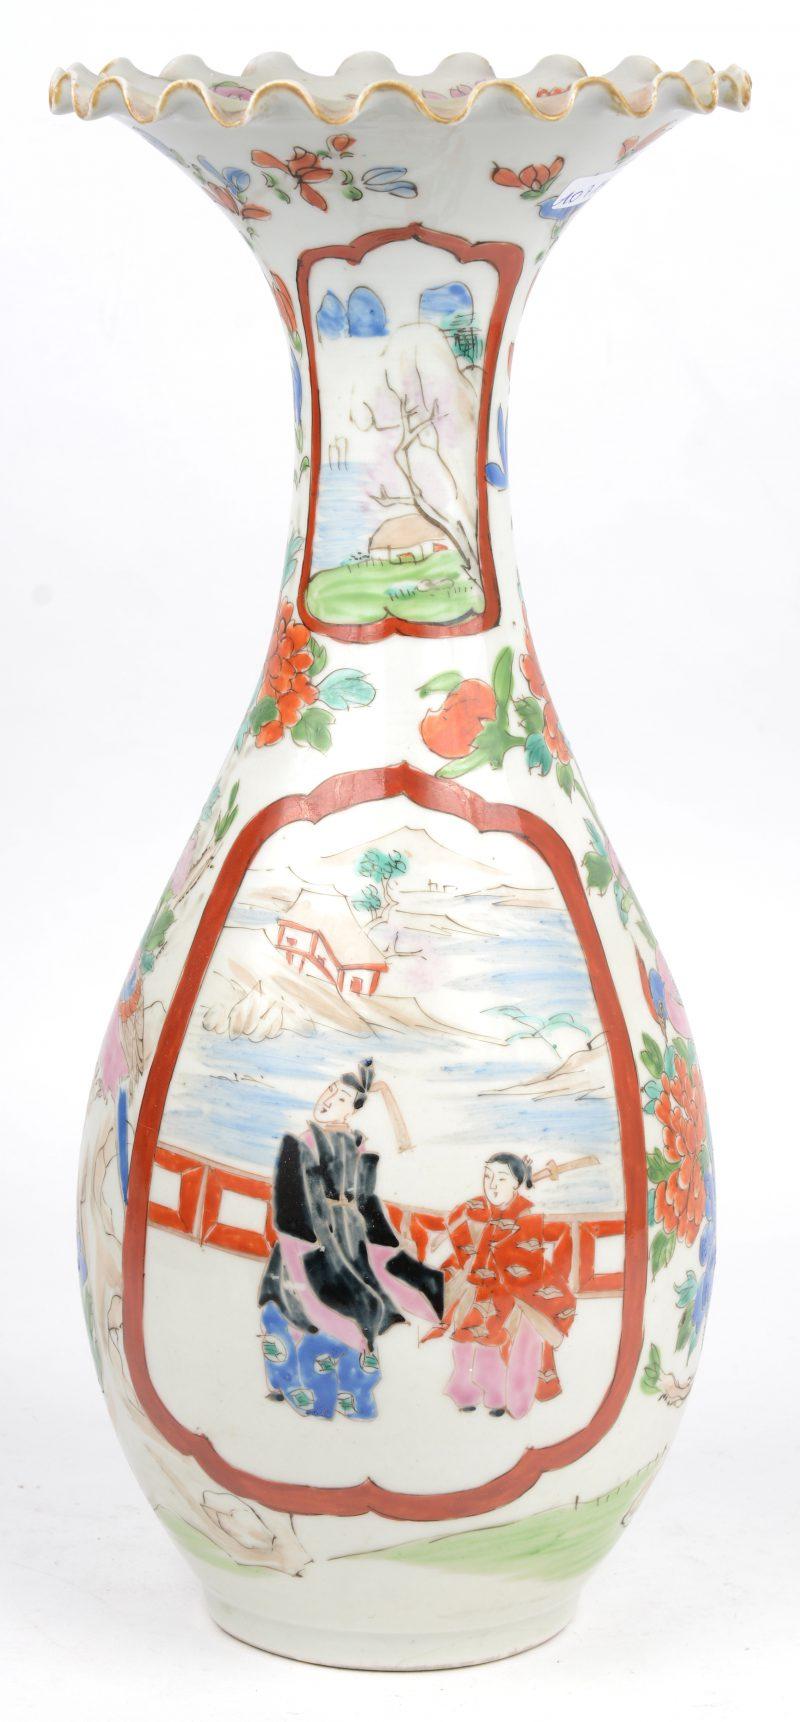 Een kraagvaas van Imariporselein met een decor van personages in cartouches, omgeven door vogels en pioenen. Onderaan gemerkt.